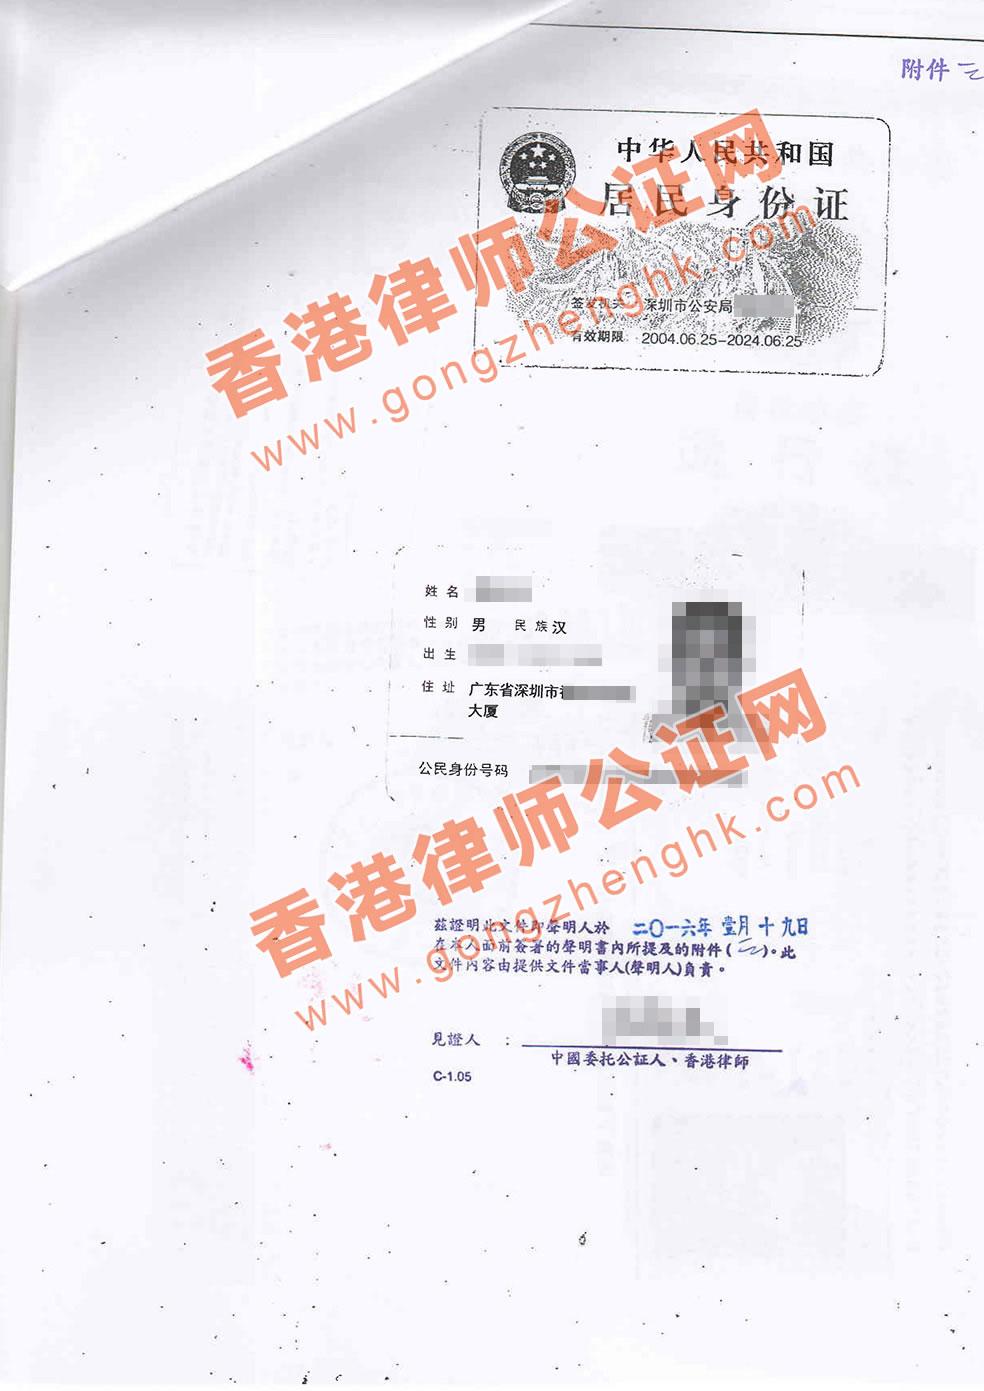 中国身份证样本